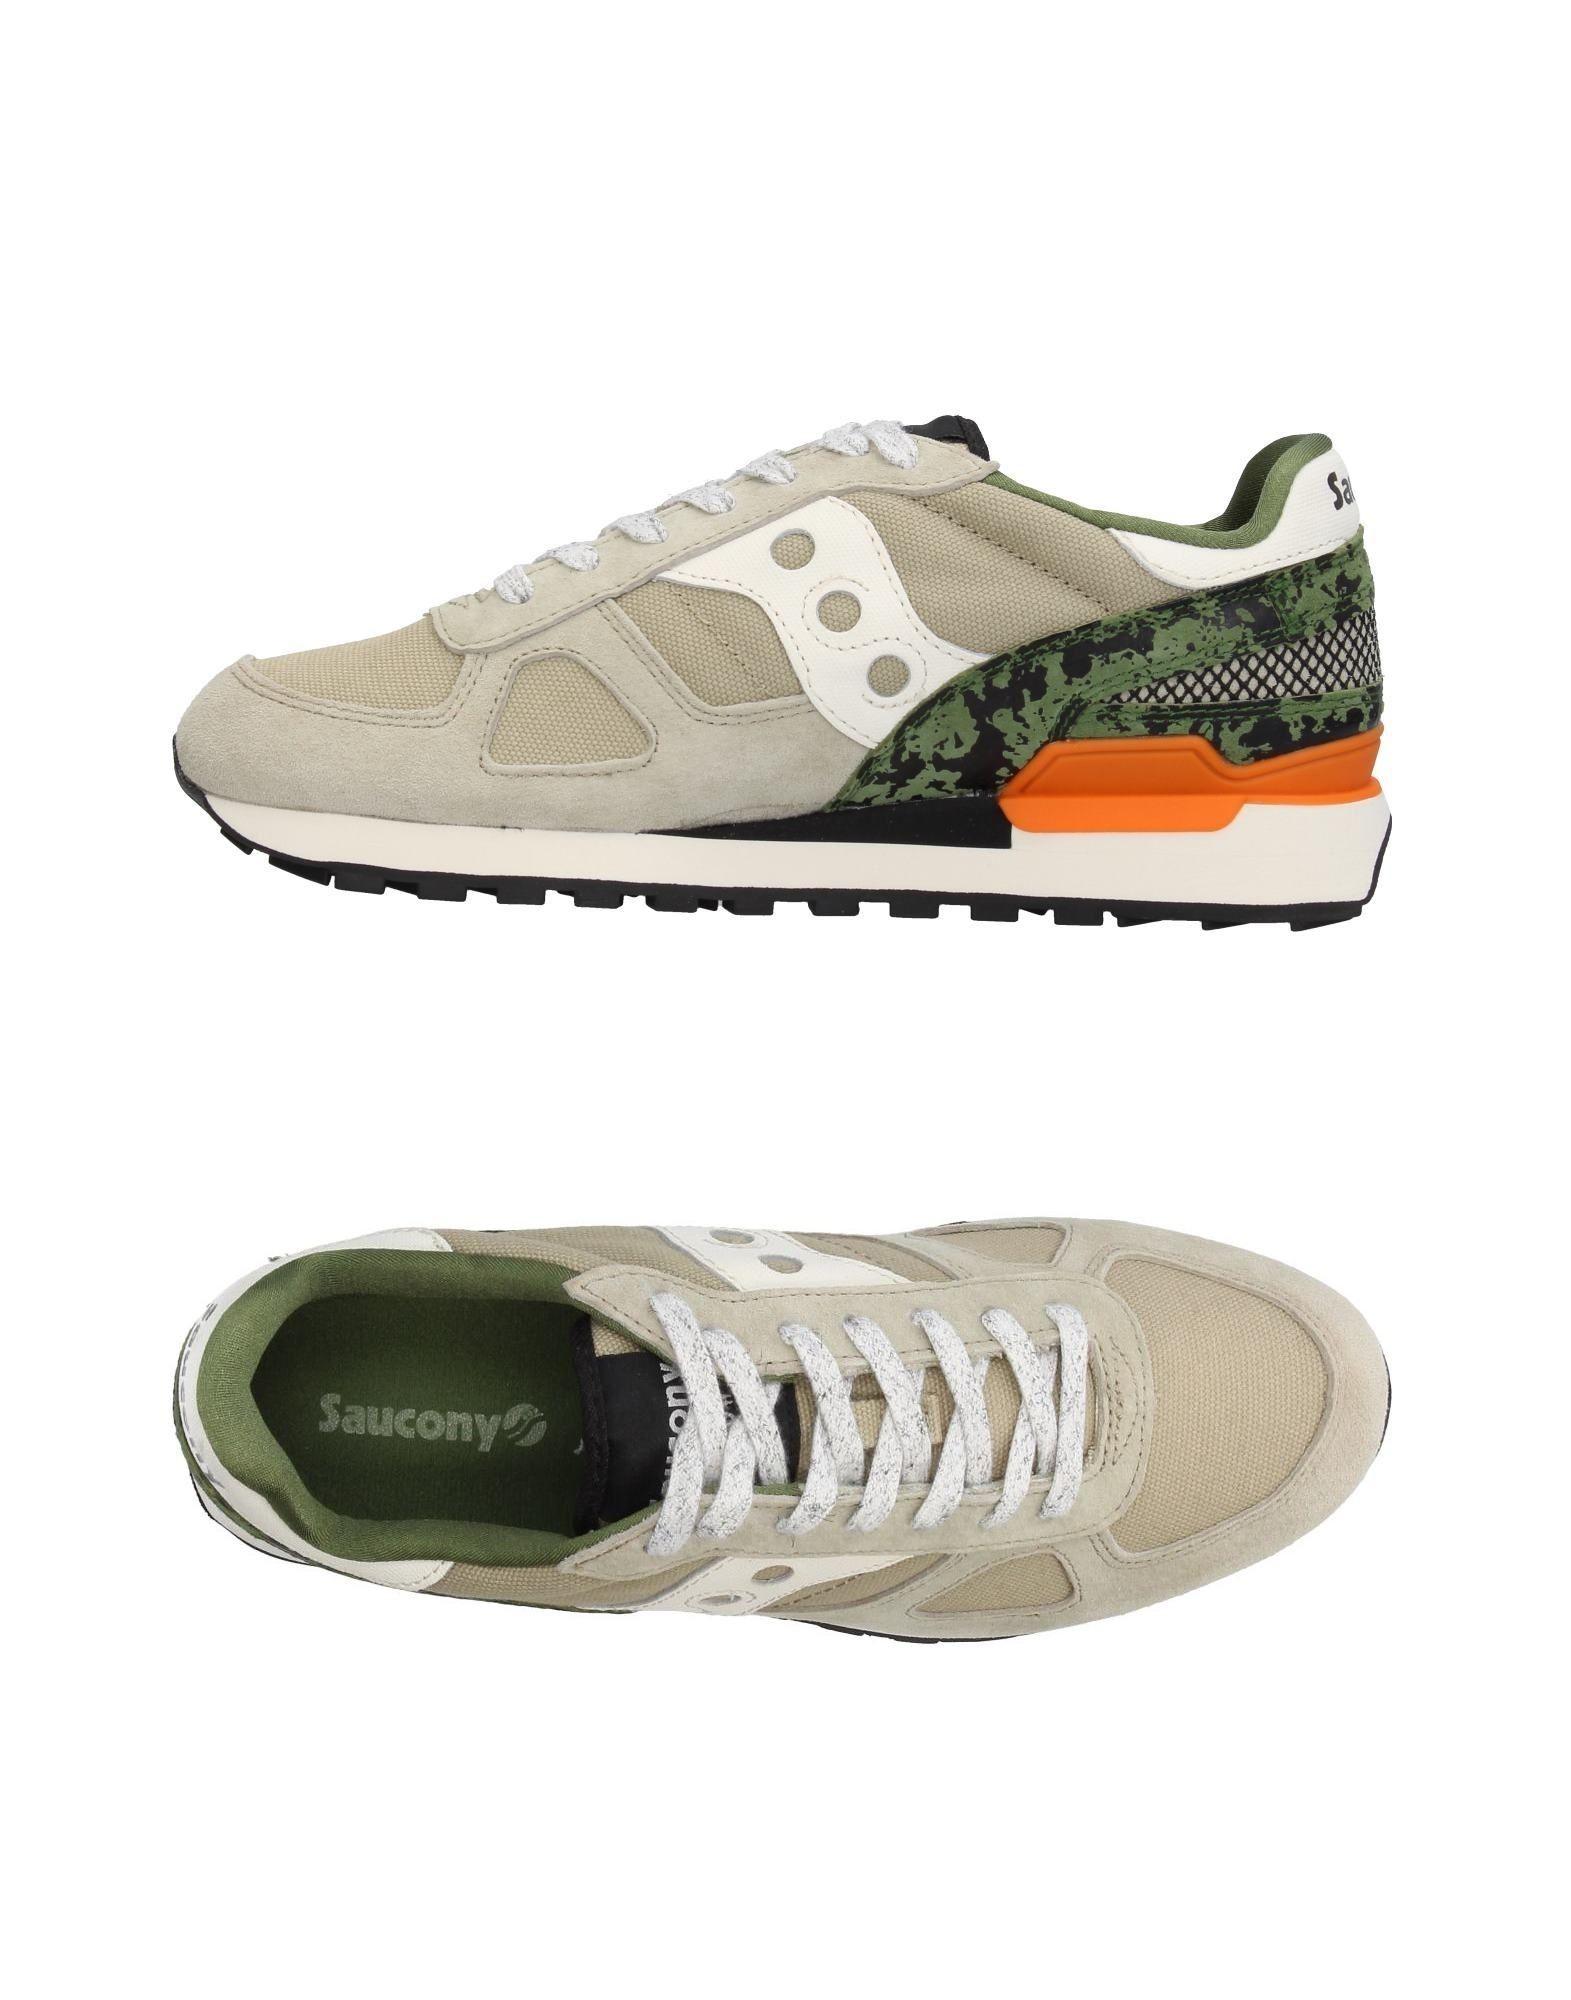 Rabatt echte Schuhe Saucony Sneakers Herren  11391643KE